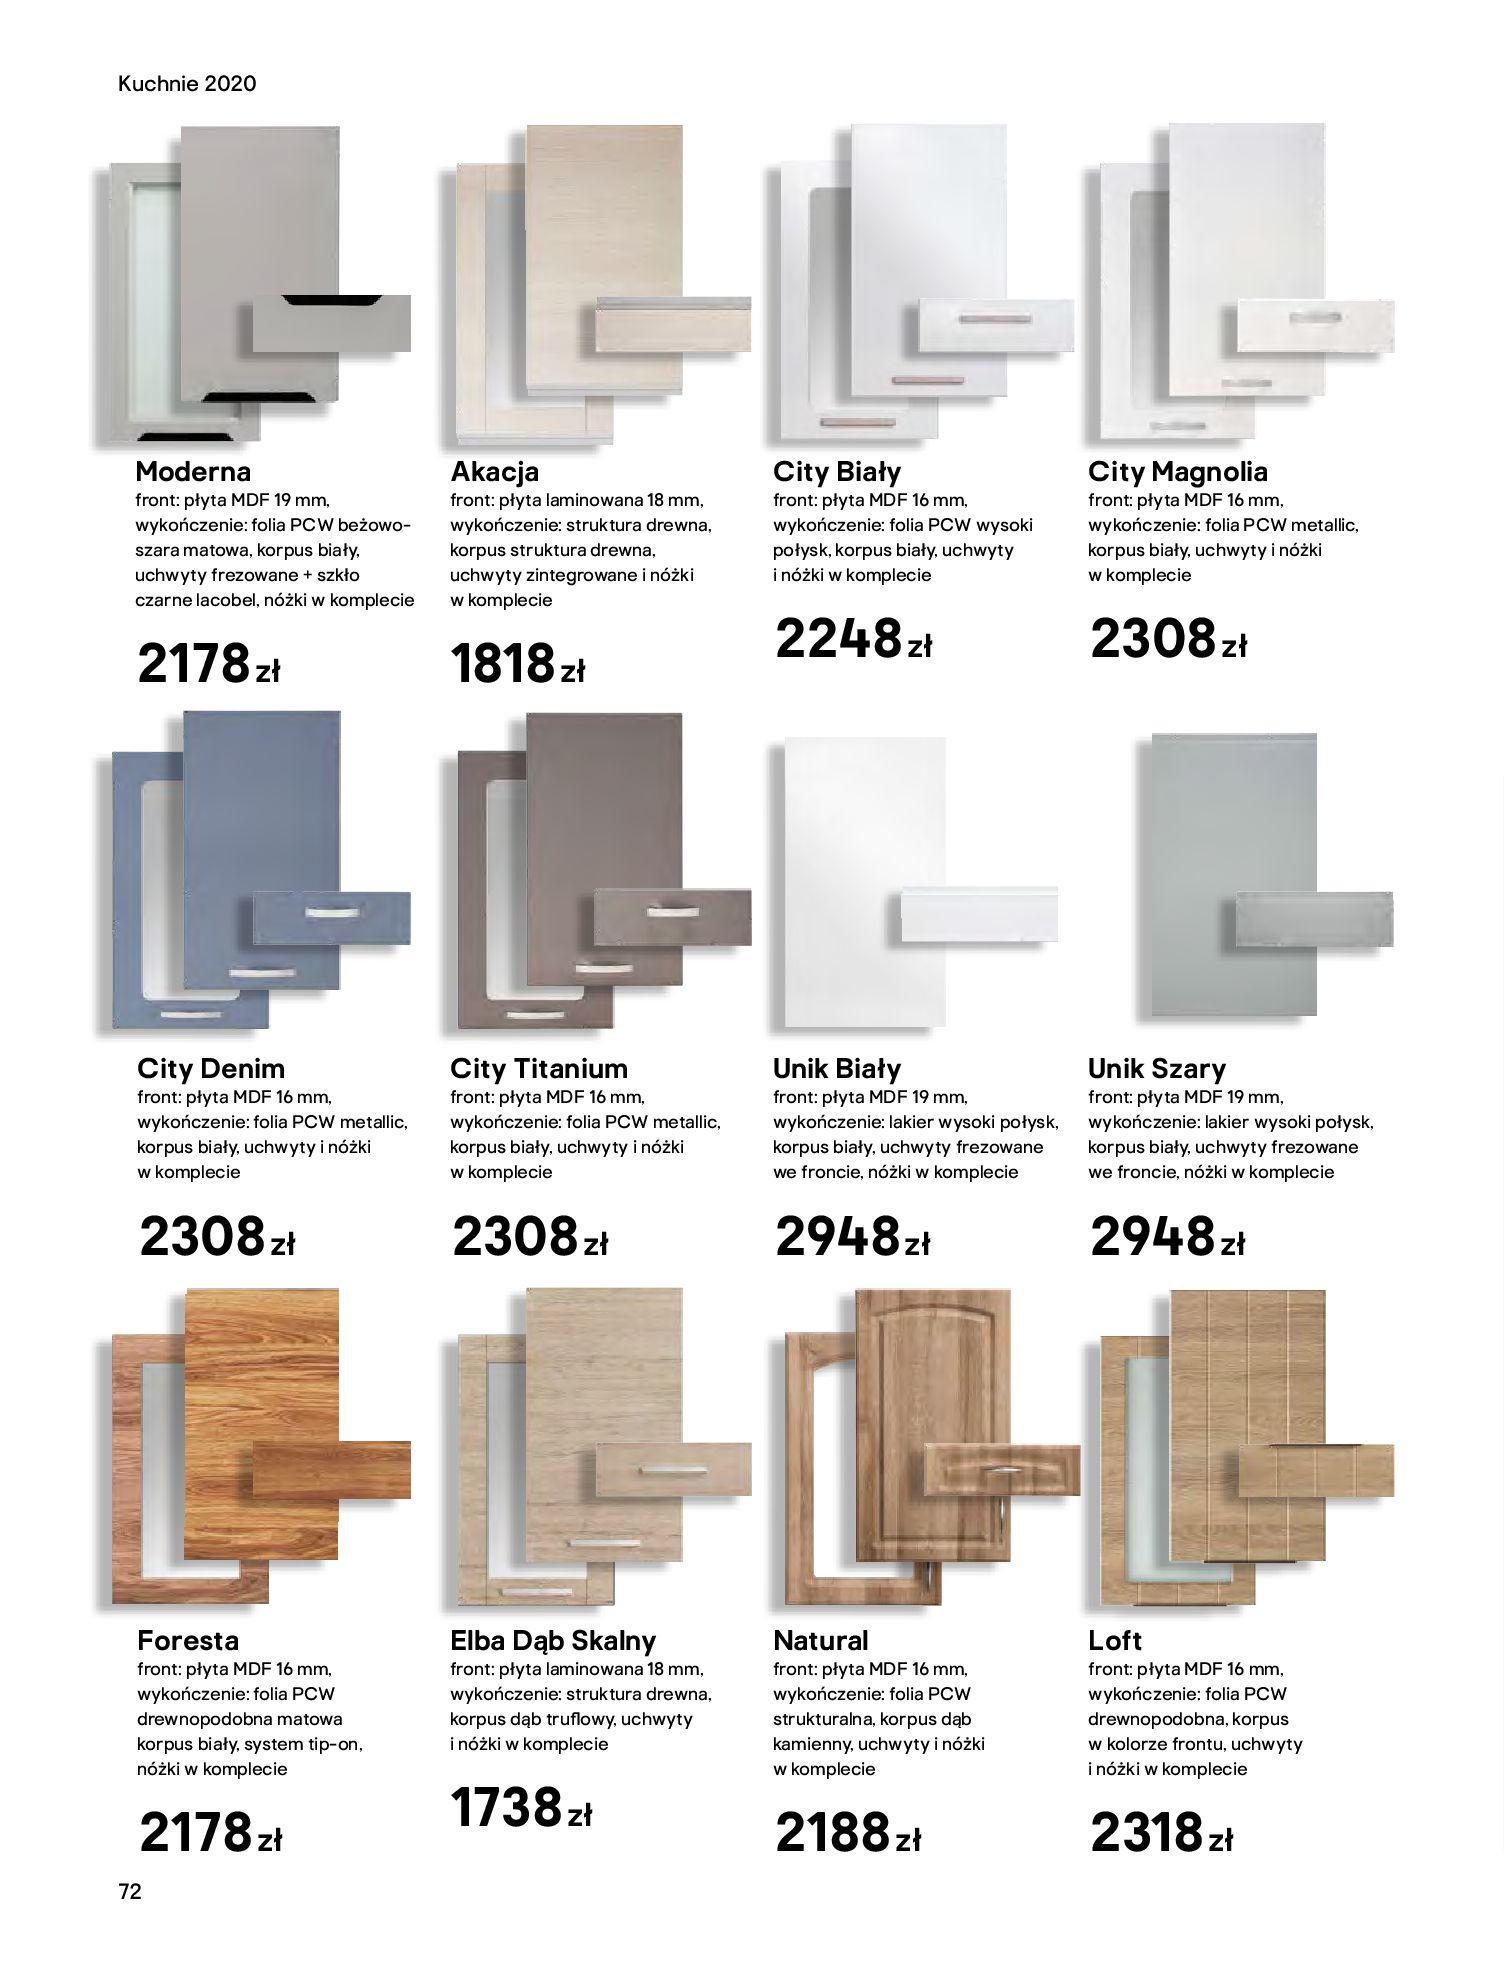 Gazetka Castorama - Katalog Kuchnie 2020-14.04.2020-31.12.2020-page-72